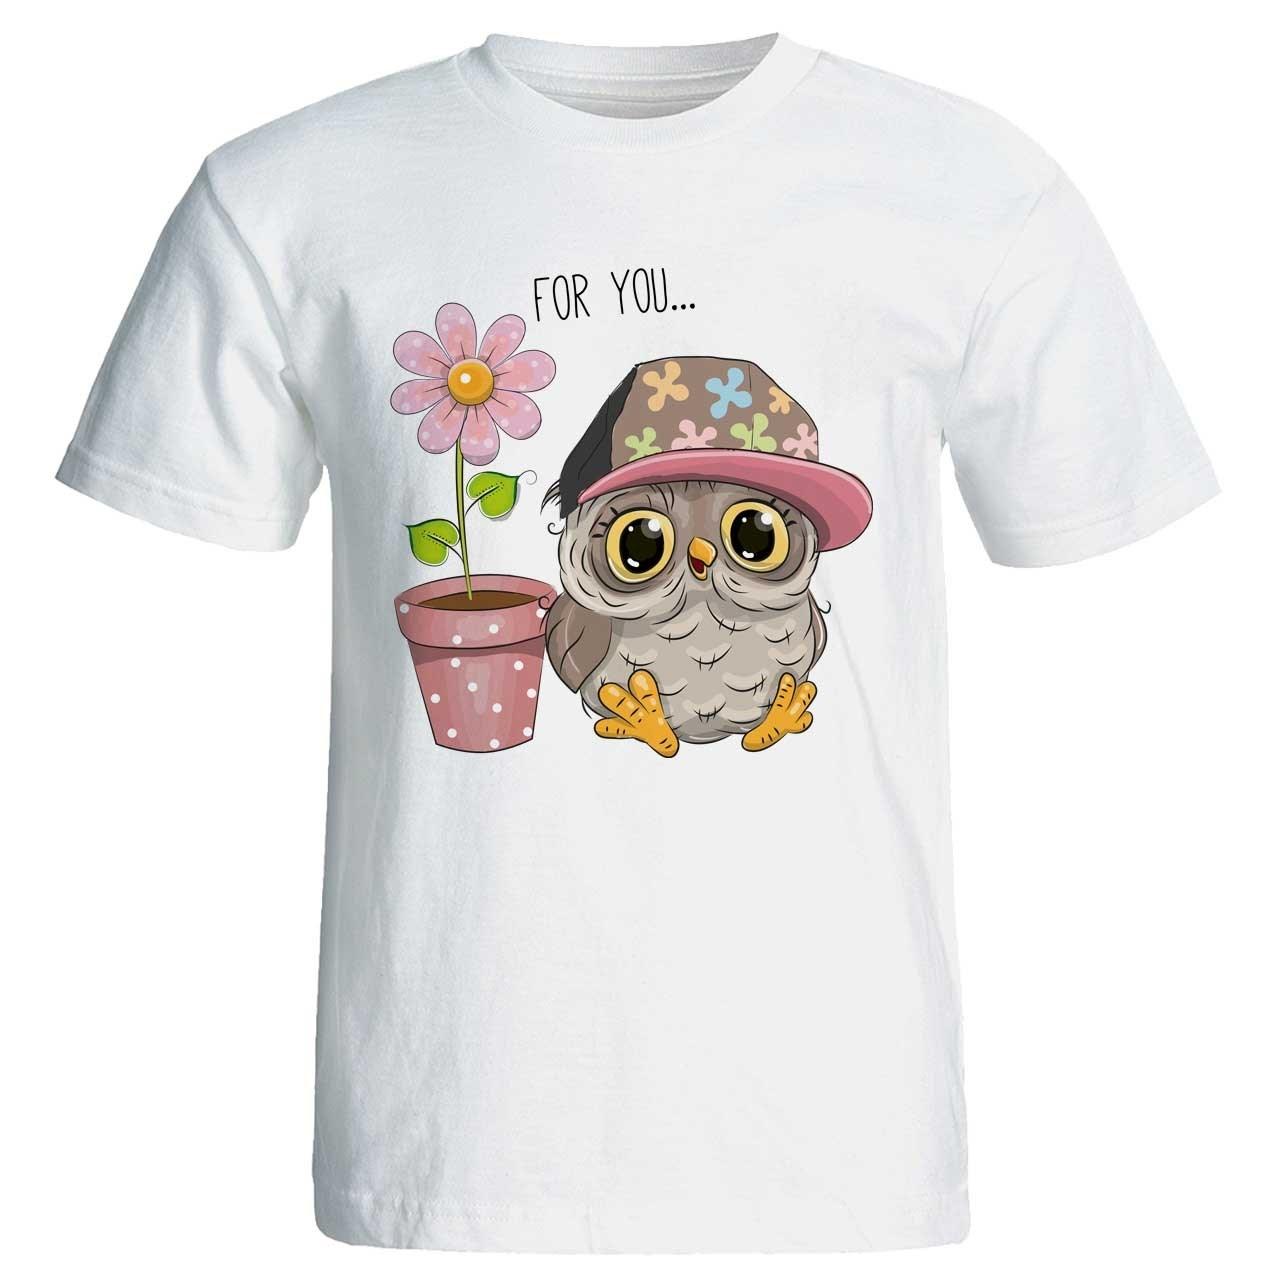 تی شرت زنانه پارس طرح کارتونی کد 3739